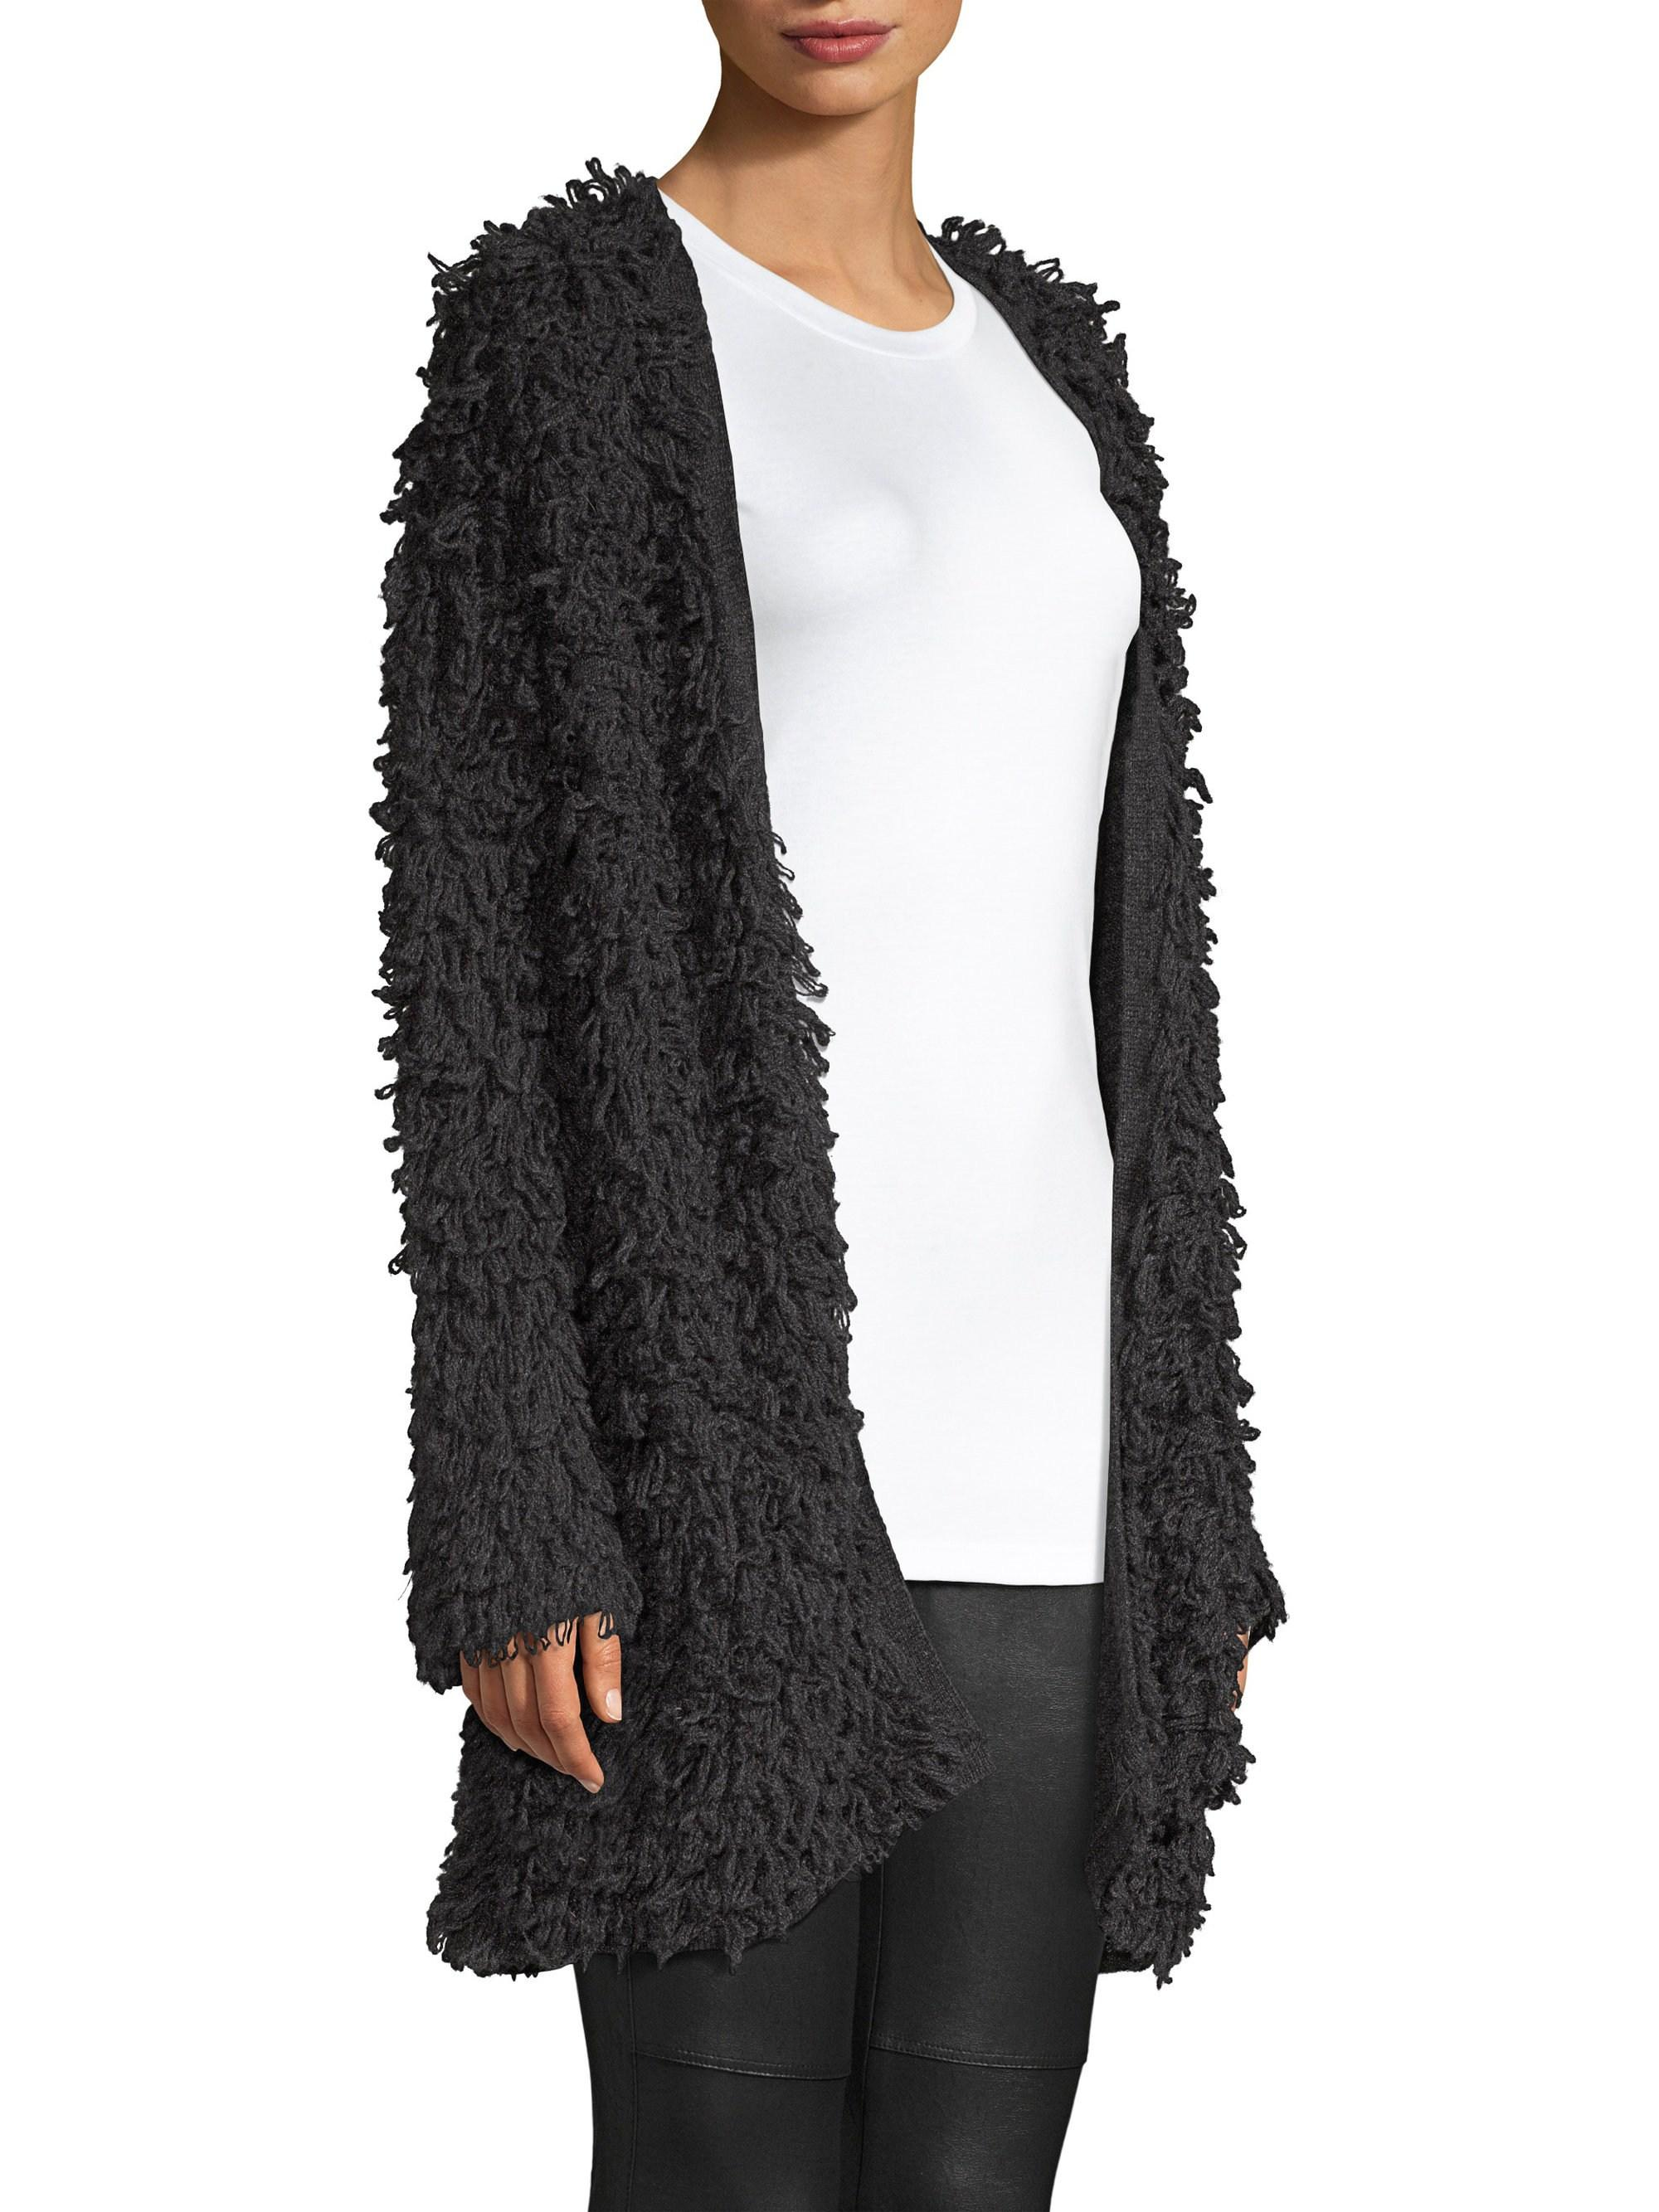 939482d7c3a2 Lyst - Splendid Phoenix Open Front Sweater in Black